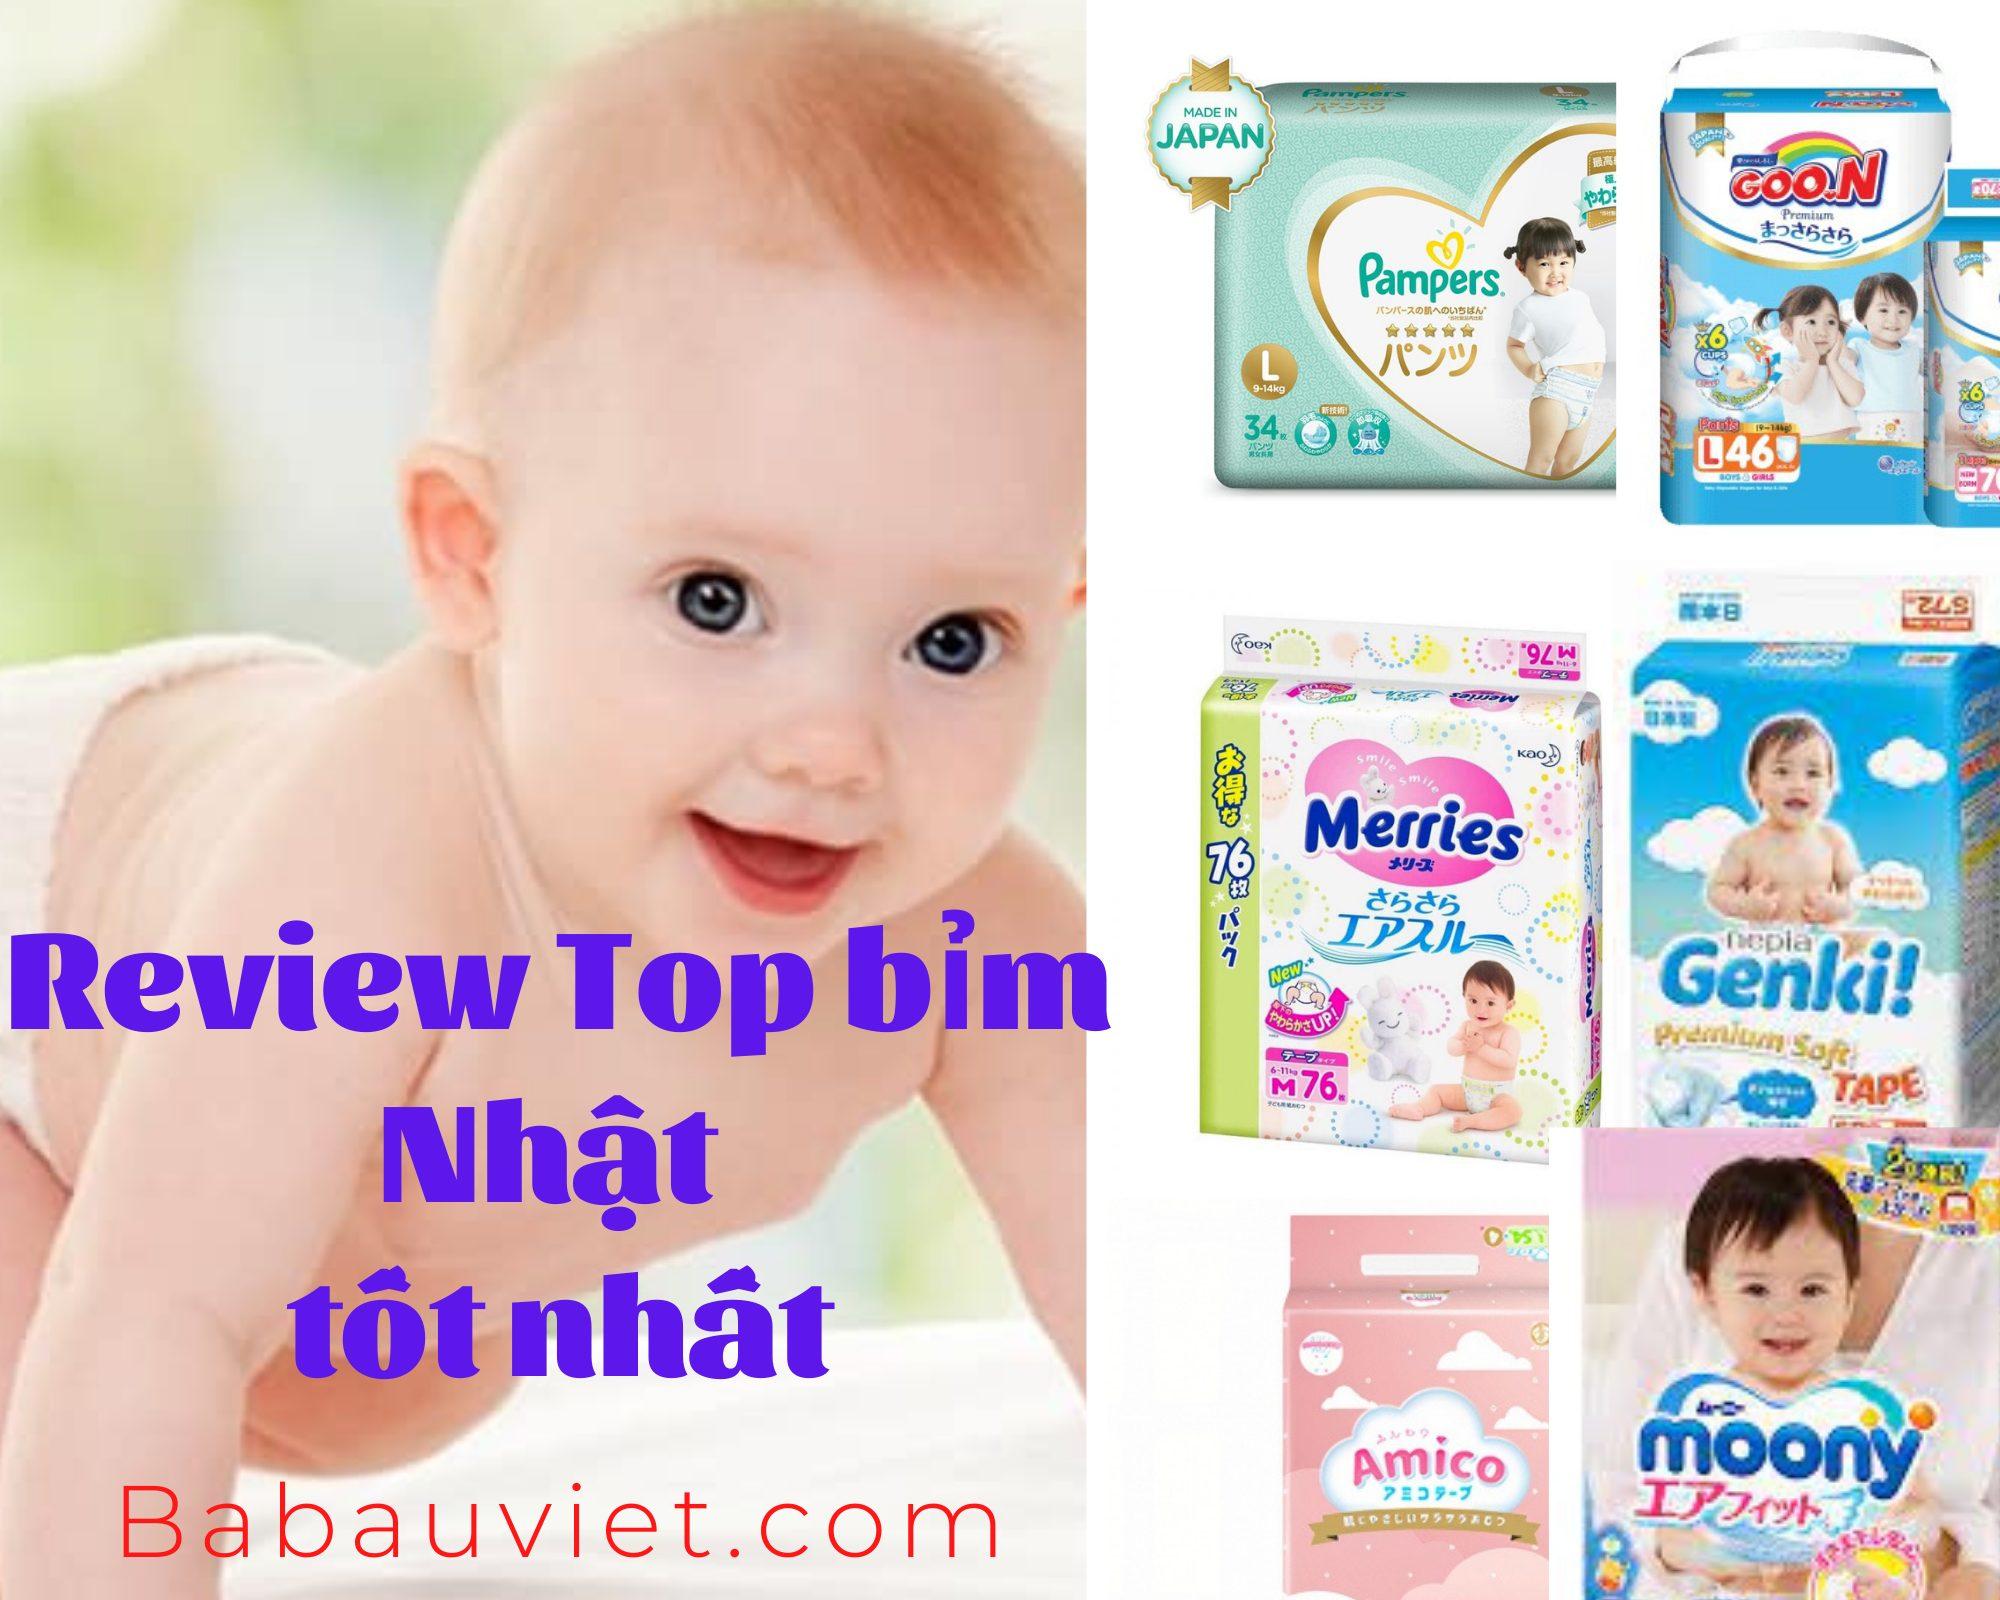 Review Top bim Nhat tot nhat